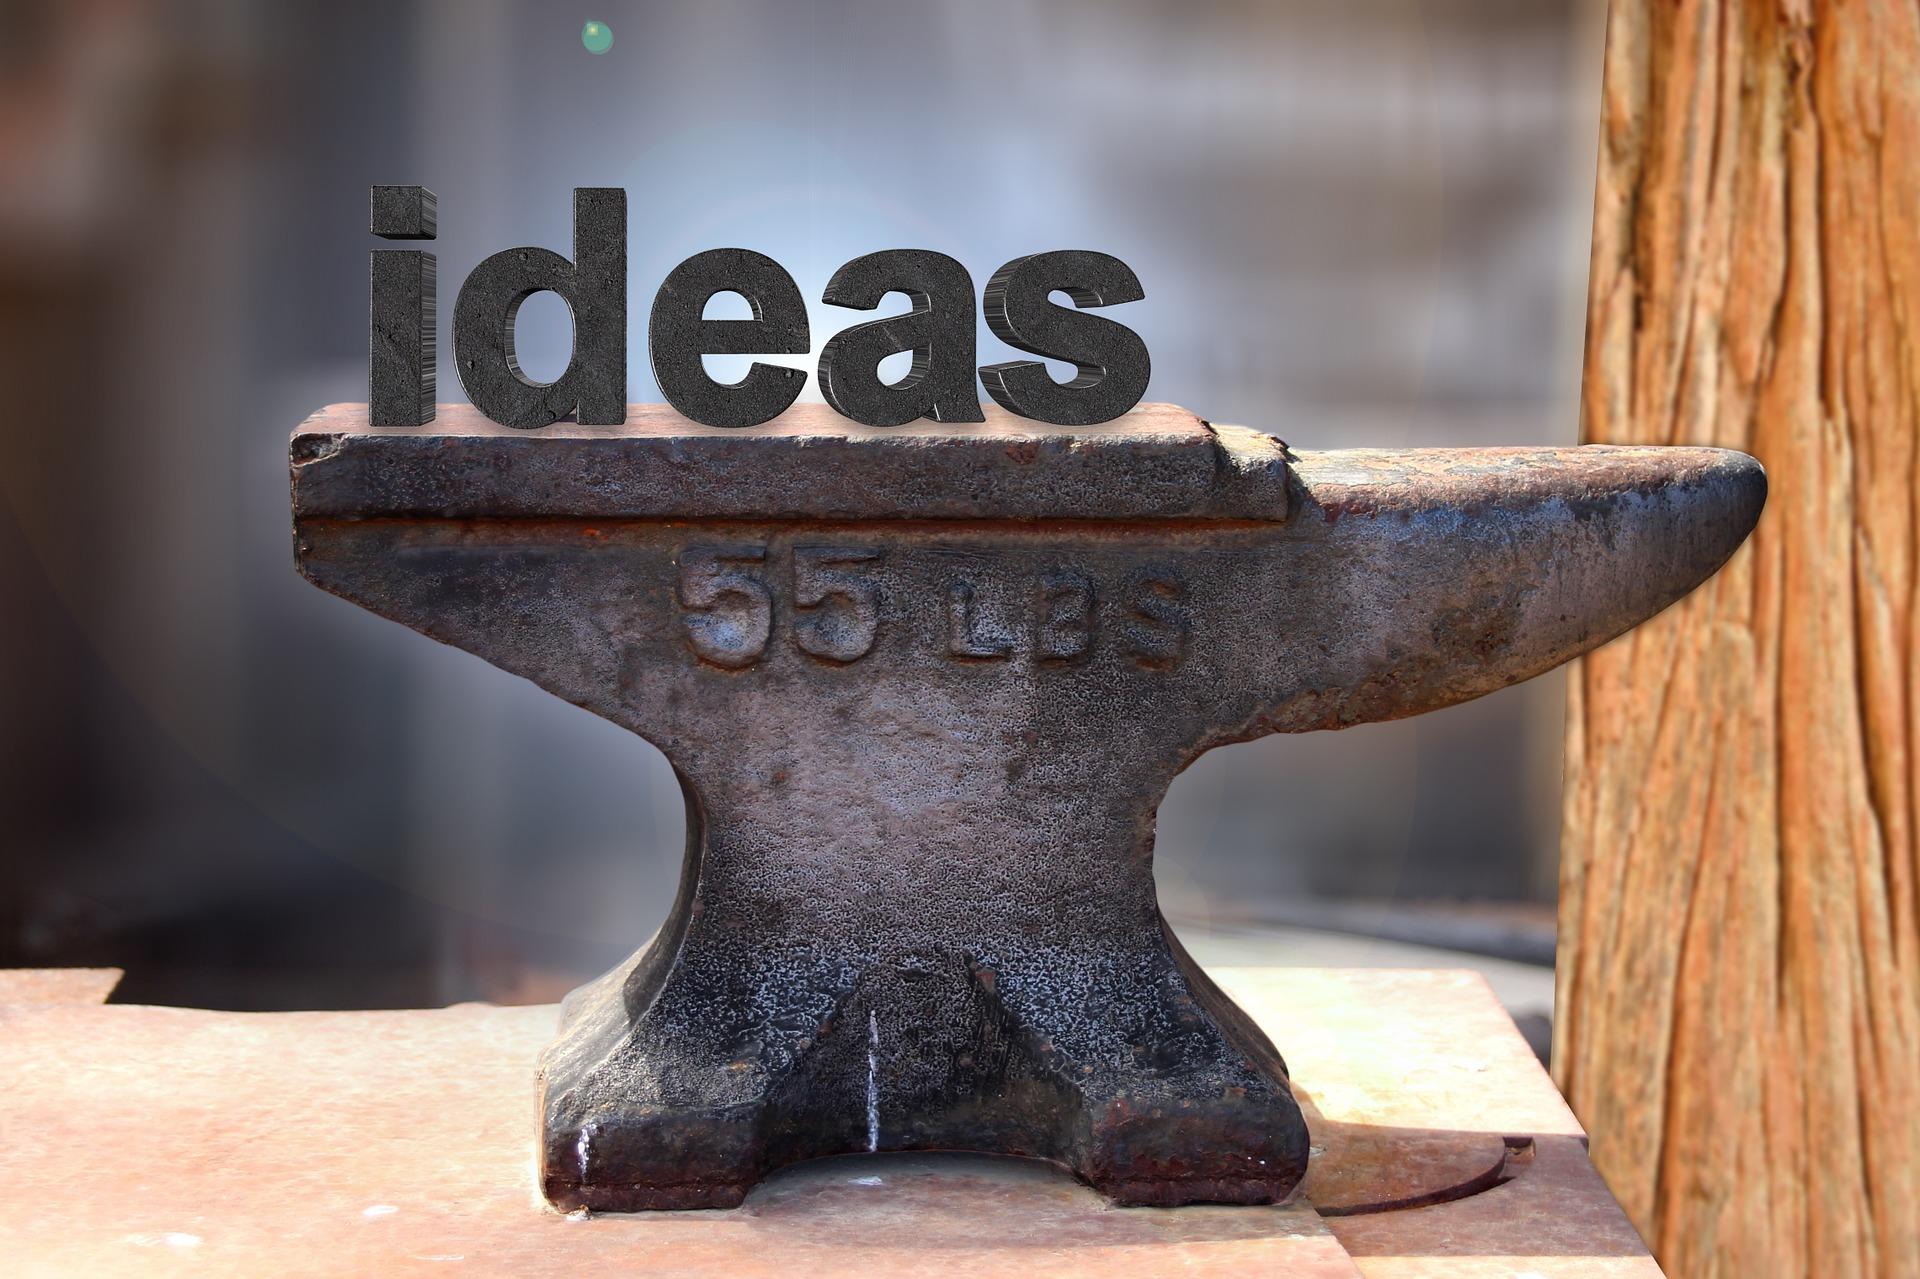 0円でも起業は出来る。アイデアを見つけて起業する方法について考える